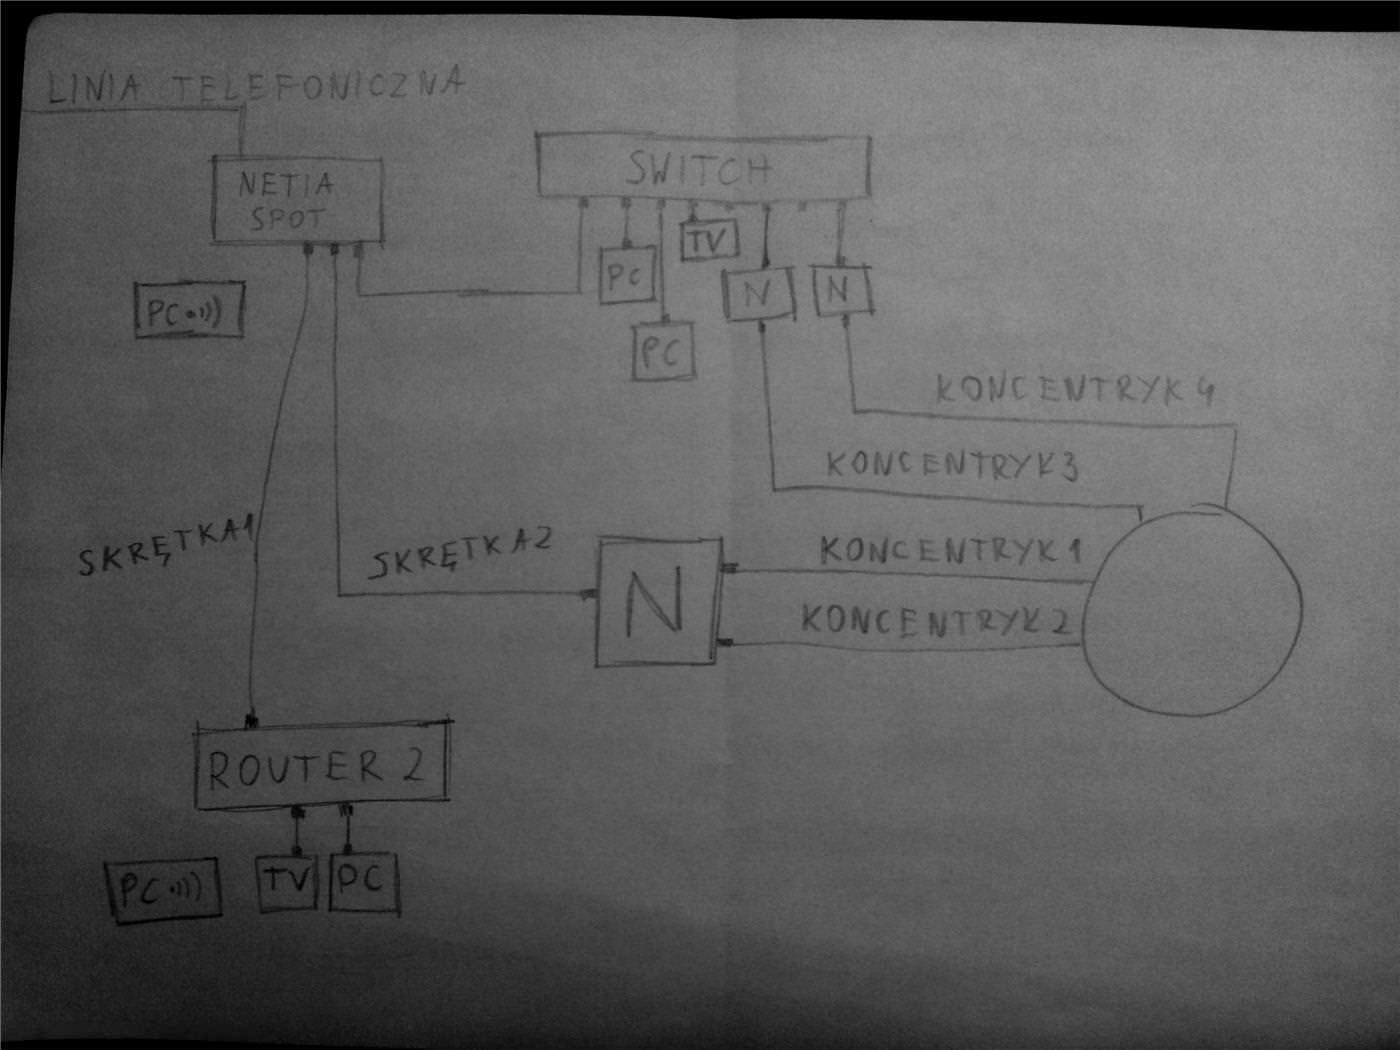 Dob�r kabli sieciowych i koncentrycznych dla sieci domowej i n-ki